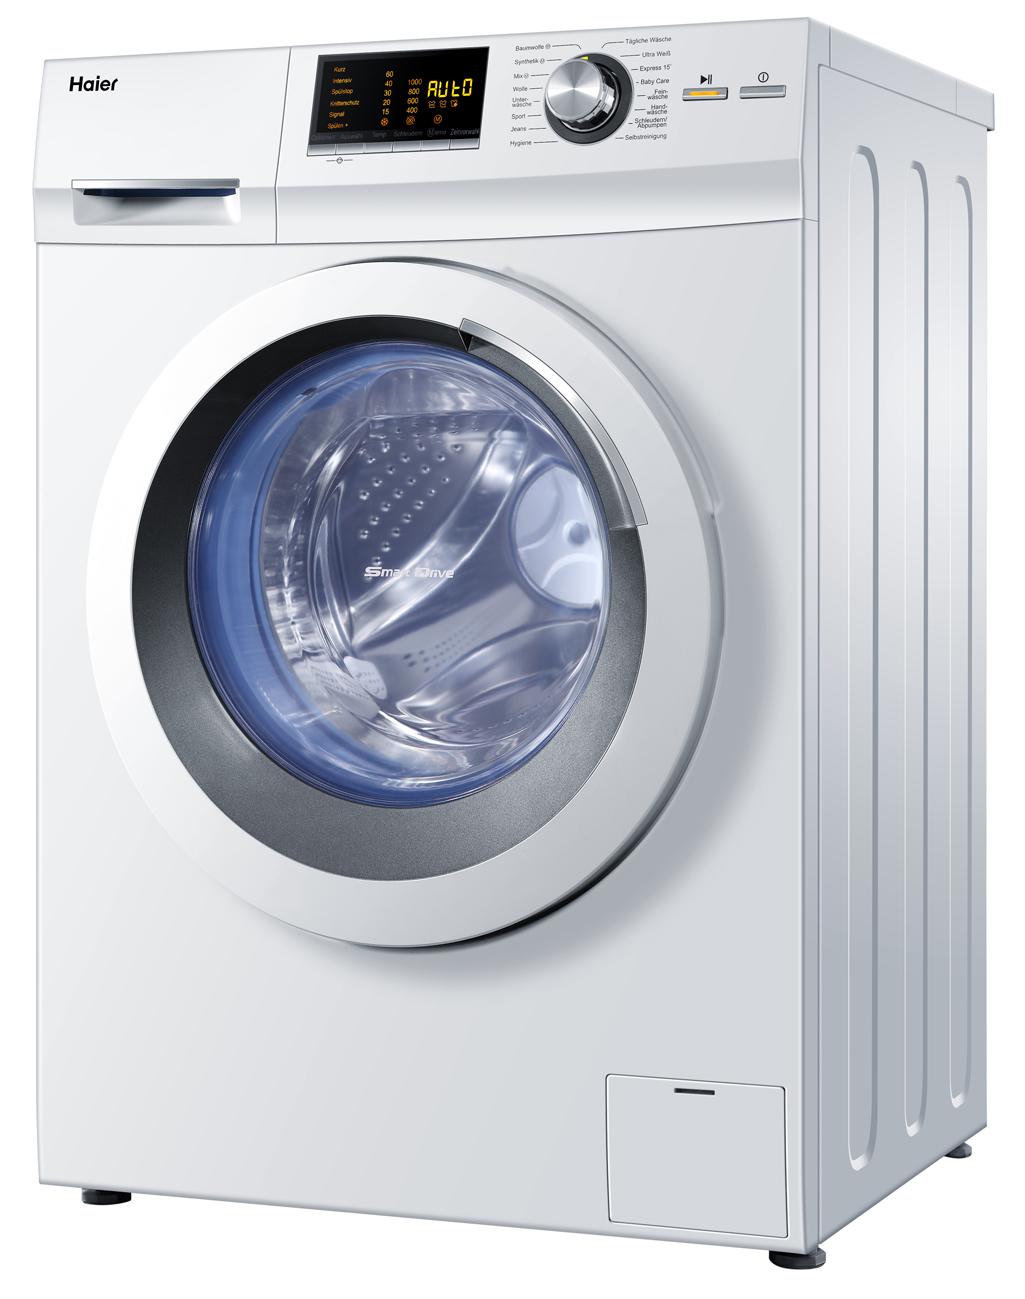 haier waschmaschine hw80 bd16266 automatische waschmitteldosierung. Black Bedroom Furniture Sets. Home Design Ideas